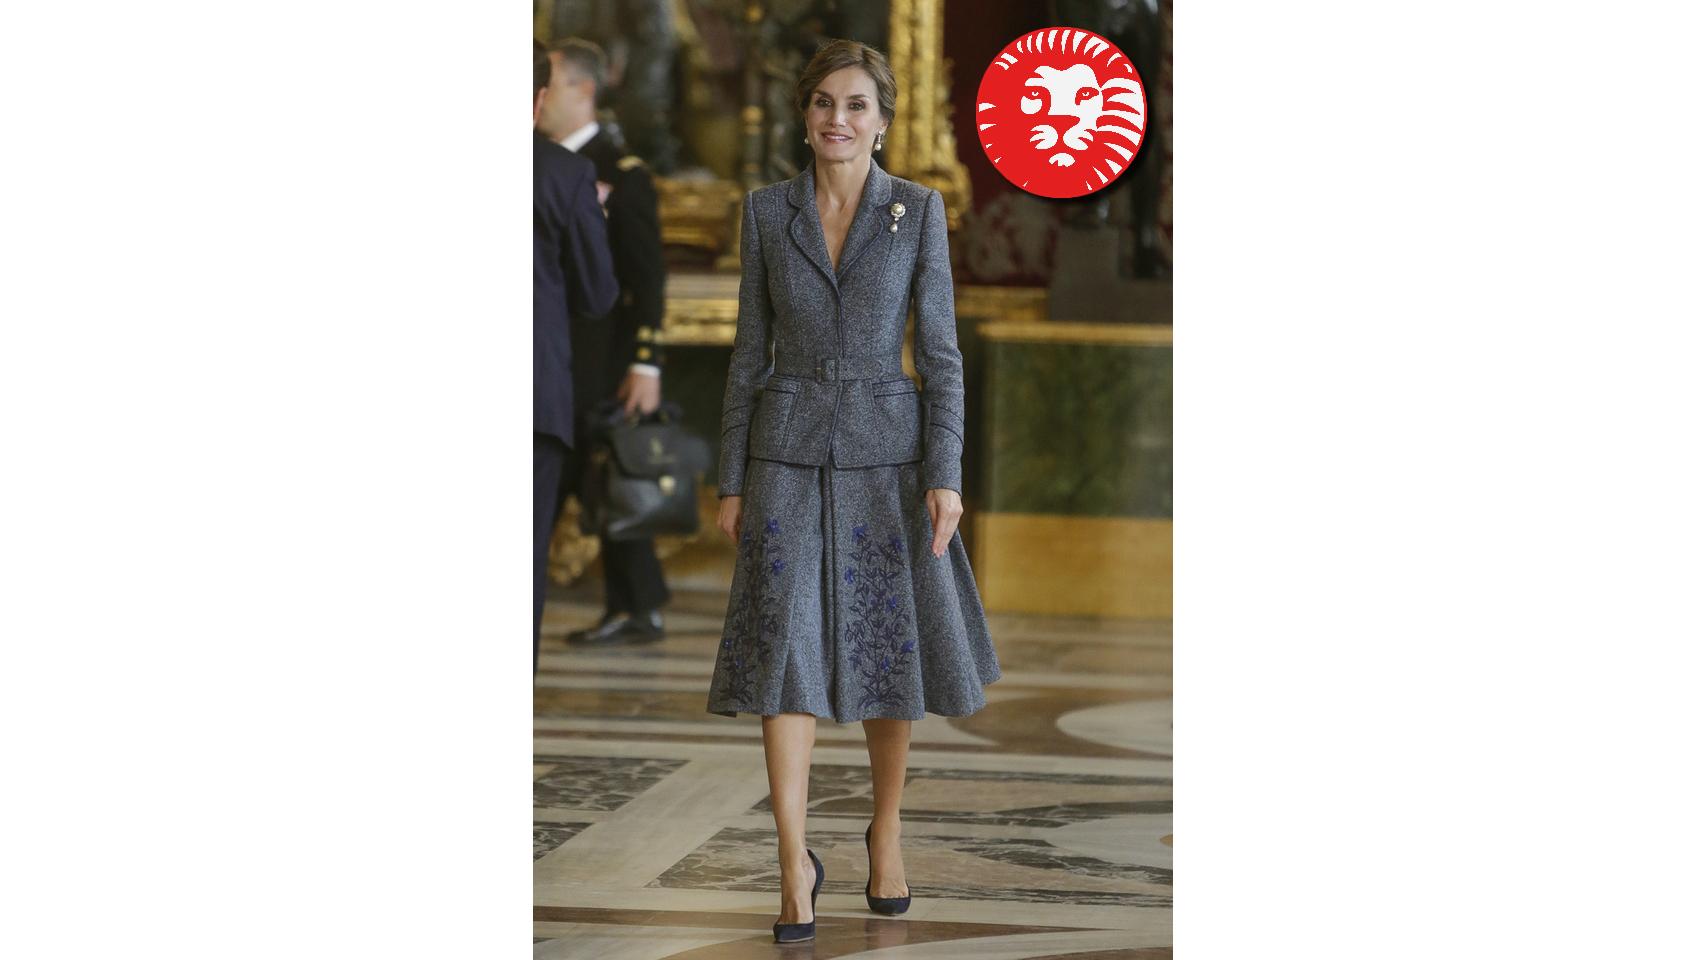 Letizia lució el año pasado un dos piezas de su diseñador fetiche para este día, Felipe Varela. Un conjunto de chaqueta y falda con un cinturón para marcar figura, todo en tono gris. No fue de los más acertados que ha lucido porque le echaba más edad.